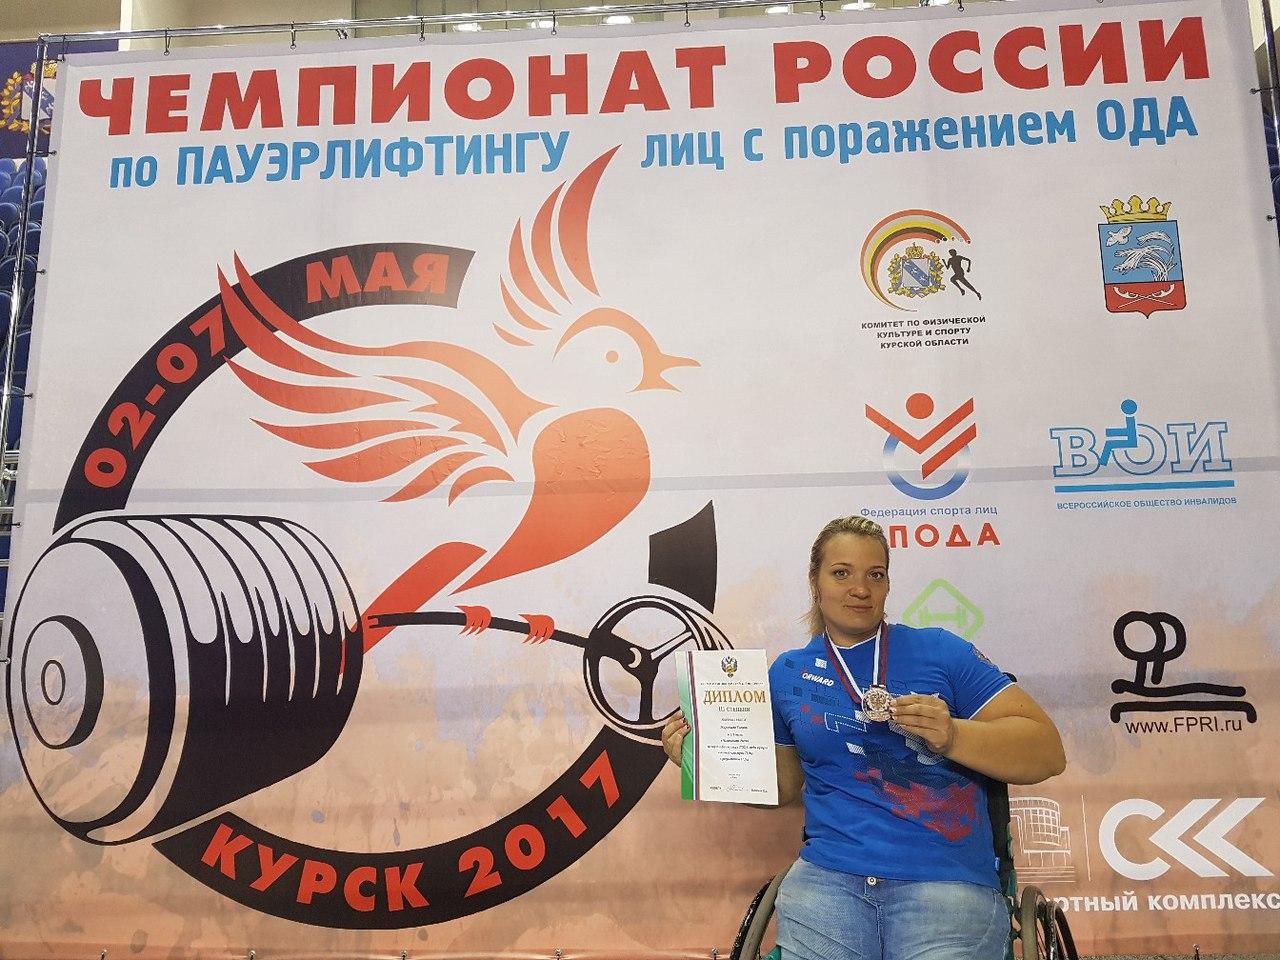 Галина Маринцева из Коми - призер Чемпионата России по пауэрлифтингу